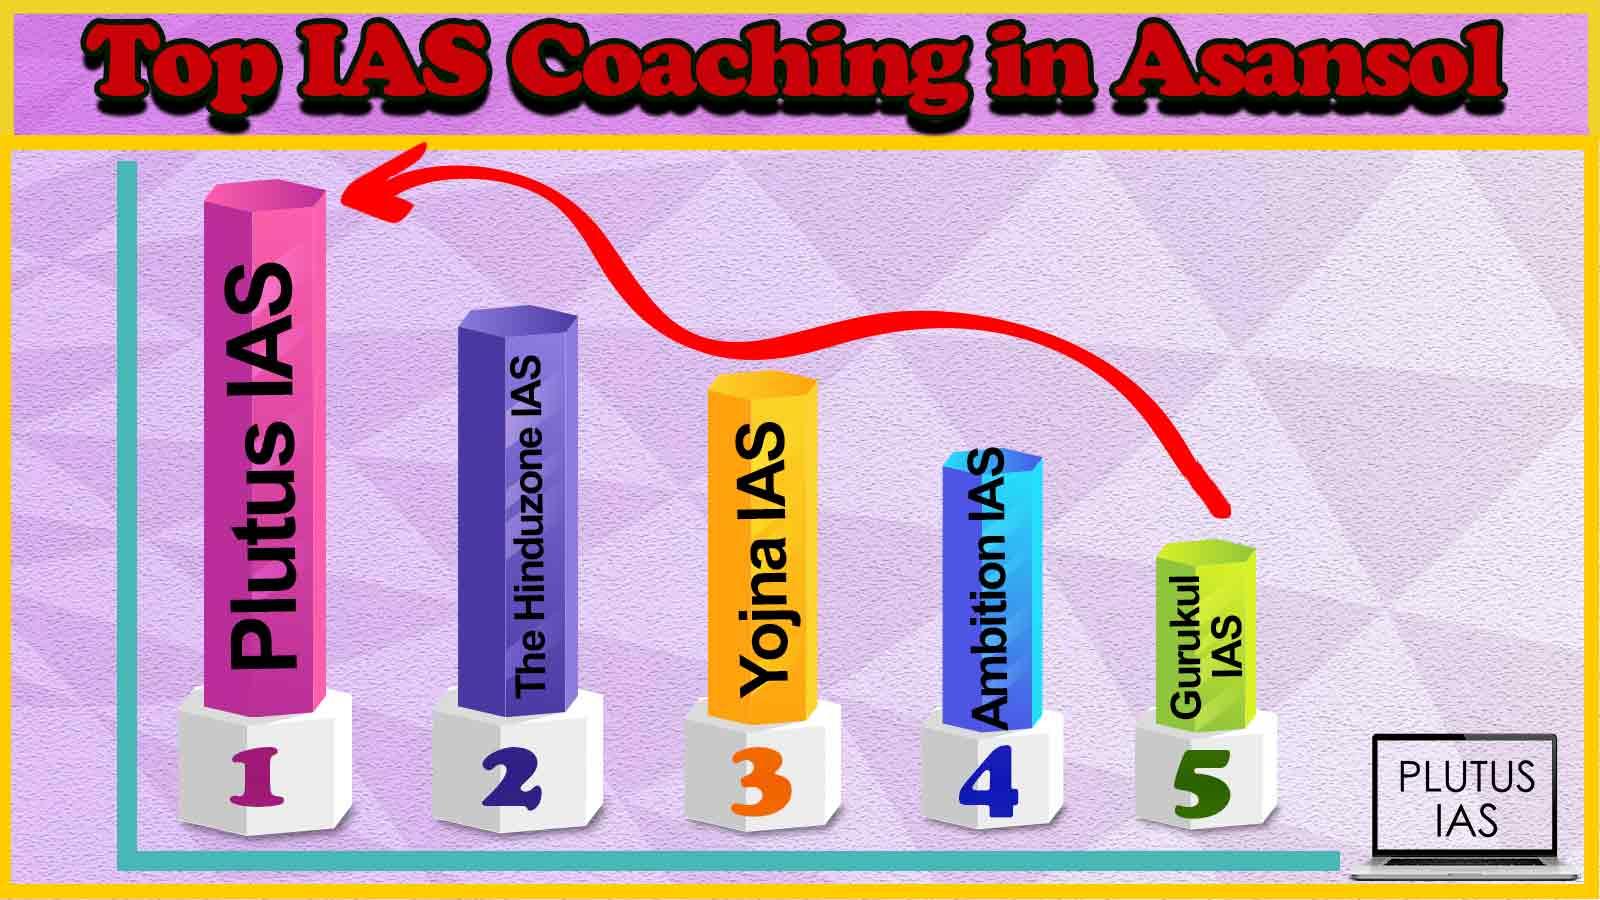 Best 10 IAS Coaching in Asansol